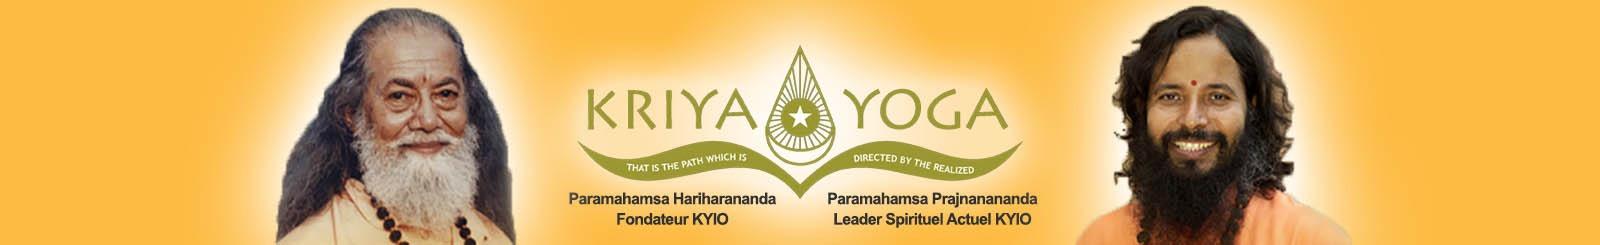 Grande banniere orange IKY Kriya Yoga France.